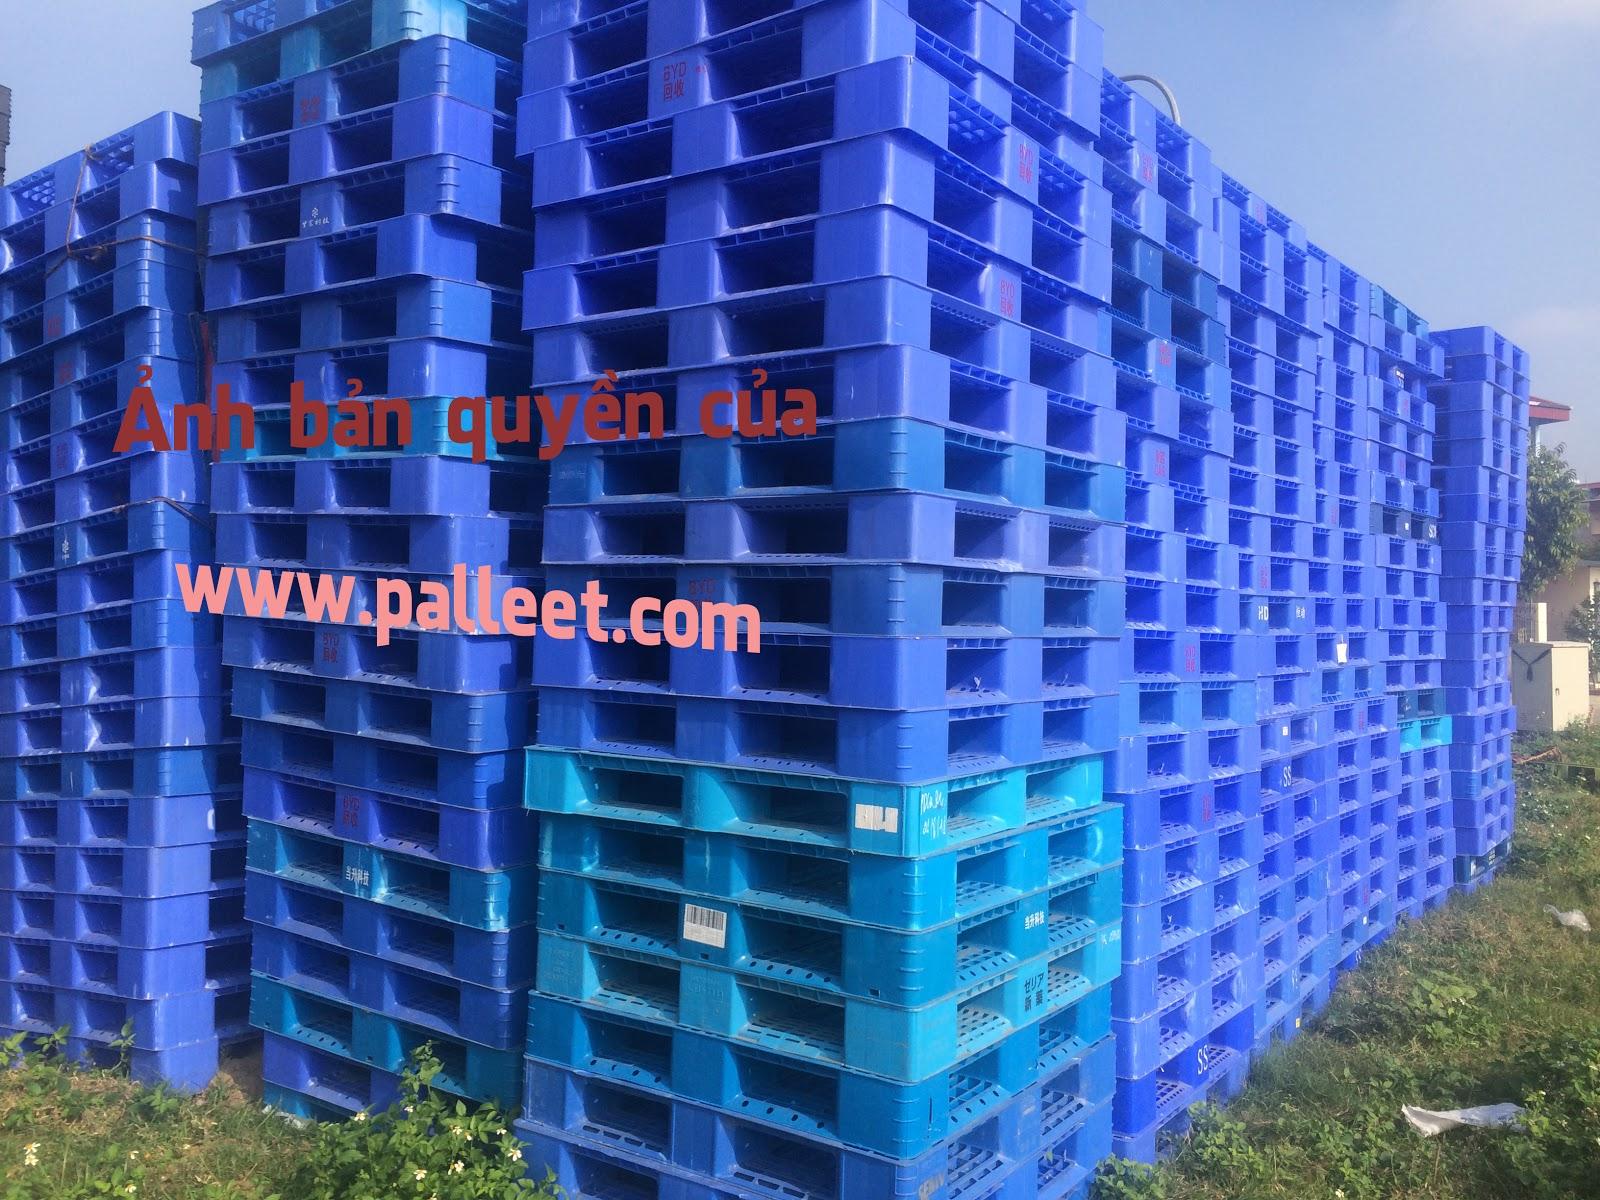 cung cấp rất nhiều các dòng pallet nhựa cũ có size khác nhau tại cơ sở này